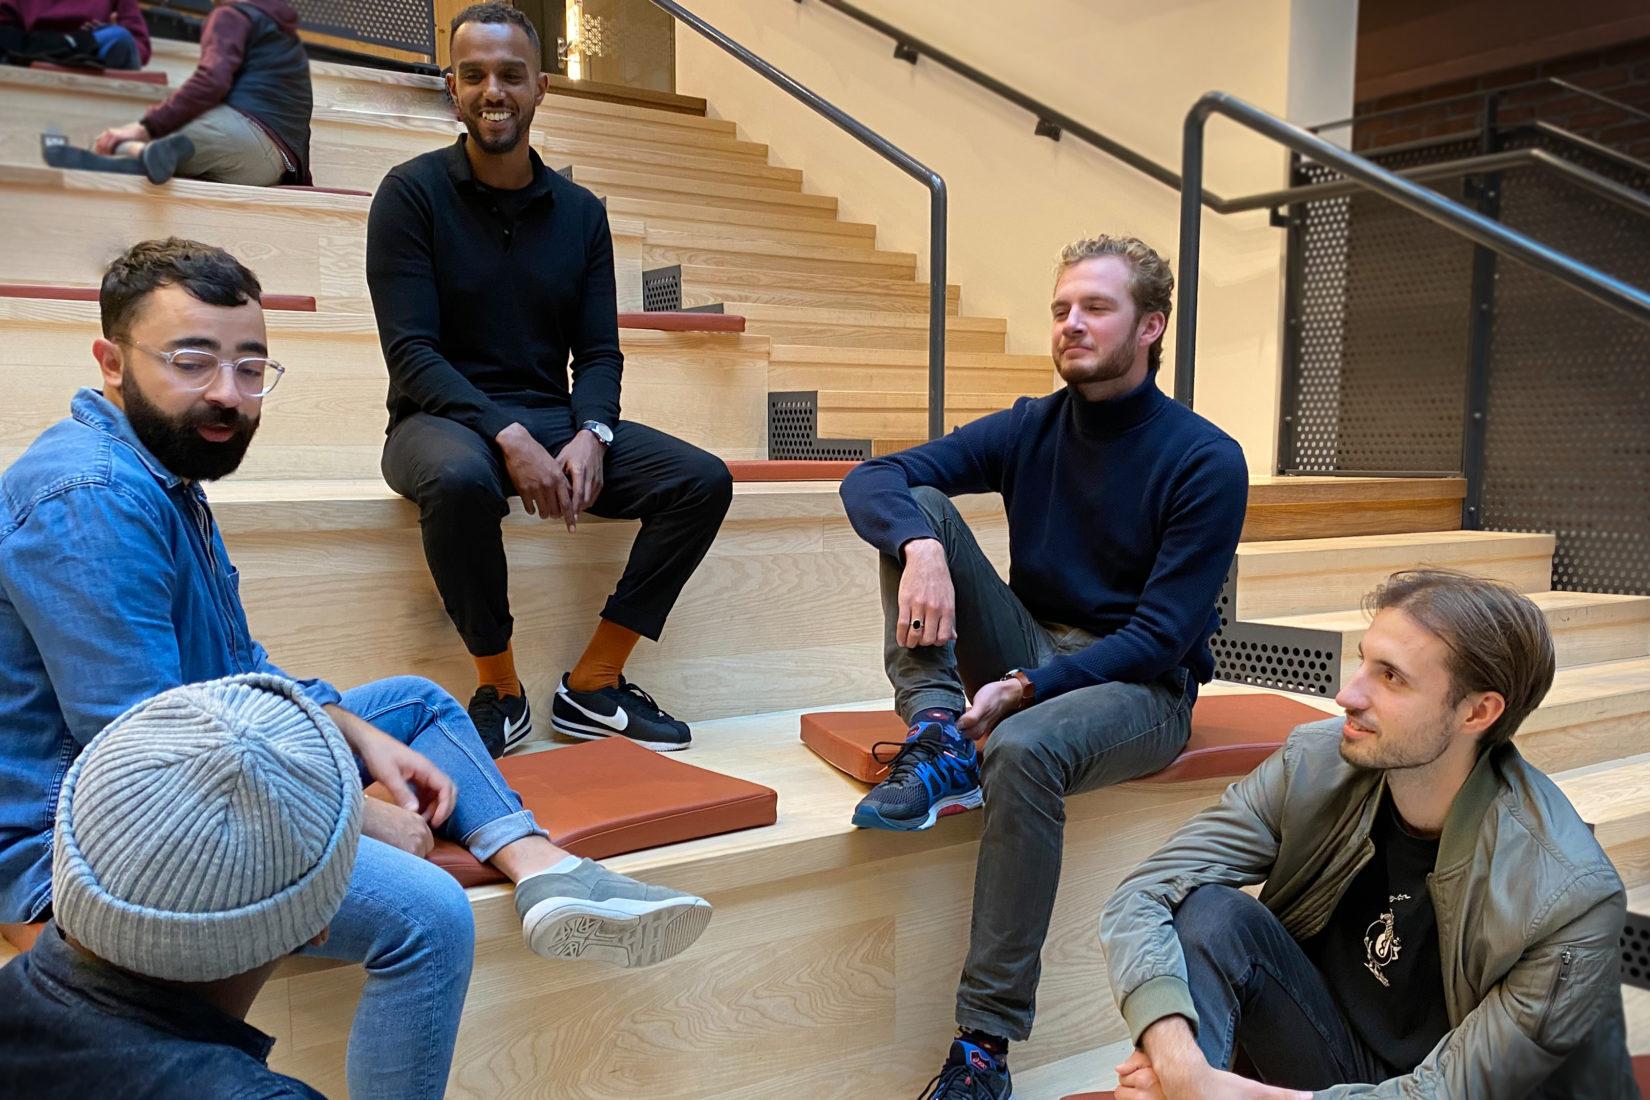 Fem män sitter i en trappliknande konstruktion och har en diskussion. #globalguytalk syftar till att samla män och prata om ämnen som sällan samtalas om. Foto: Svenska institutet